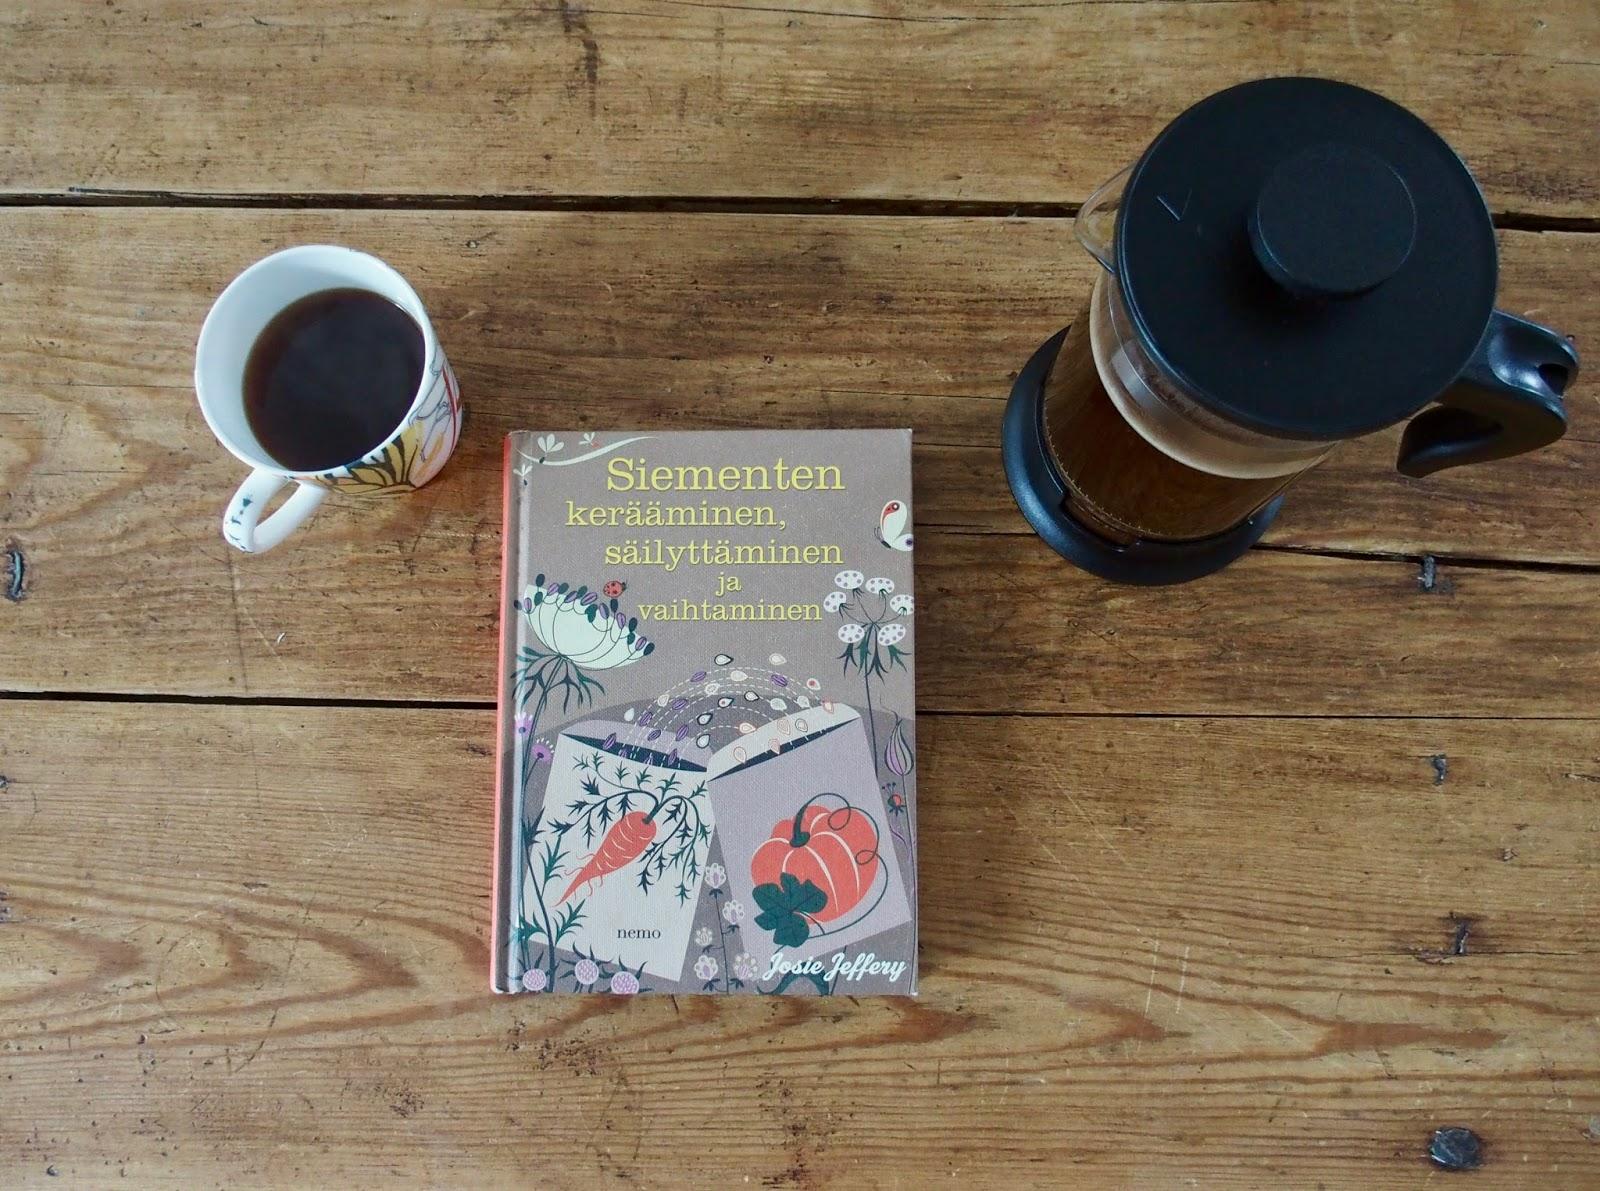 Siementen keraaminen, sailyttäminen ja vaihtaminen, Josie Jeffery kirjaesittely